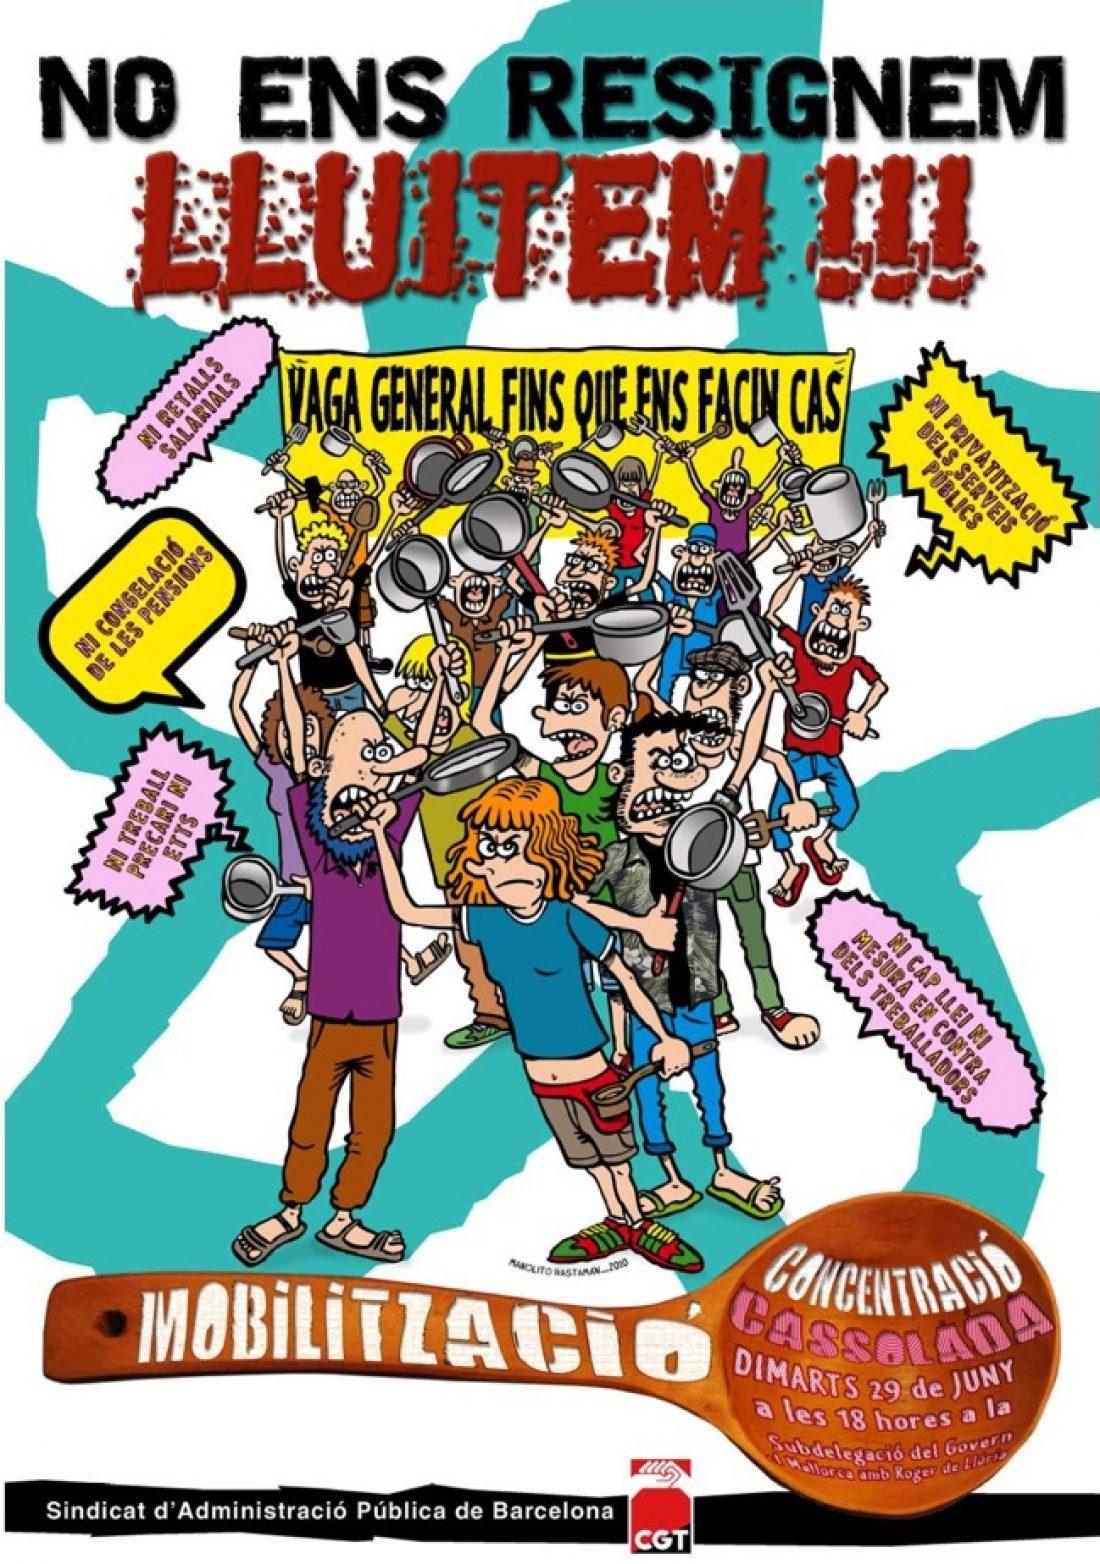 Barcelona, 29 de Junio: Concentración cacerolada contra la reforma laboral